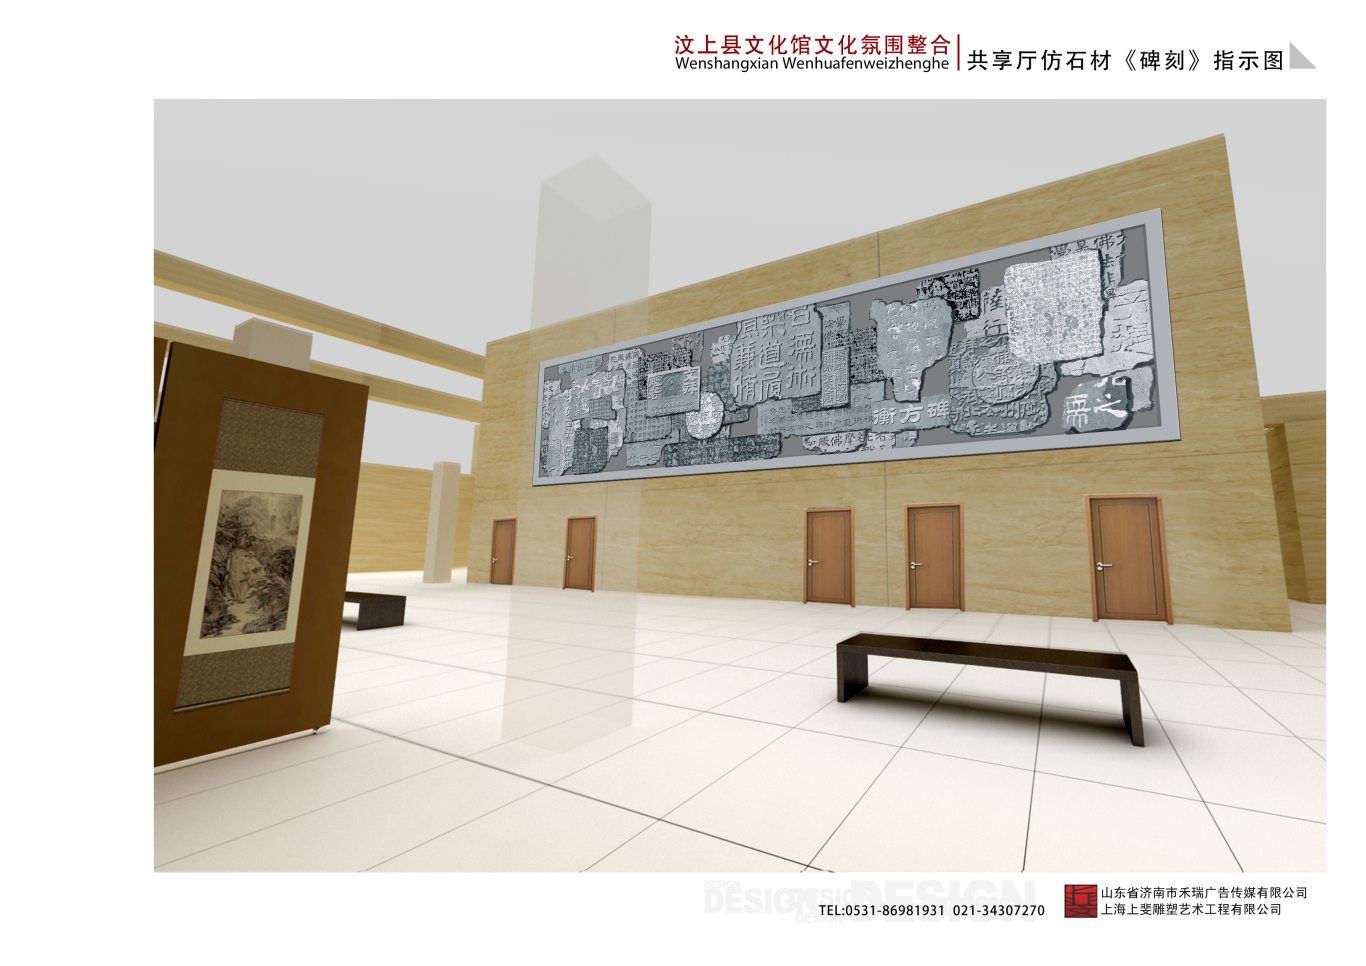 文化艺术中心图29